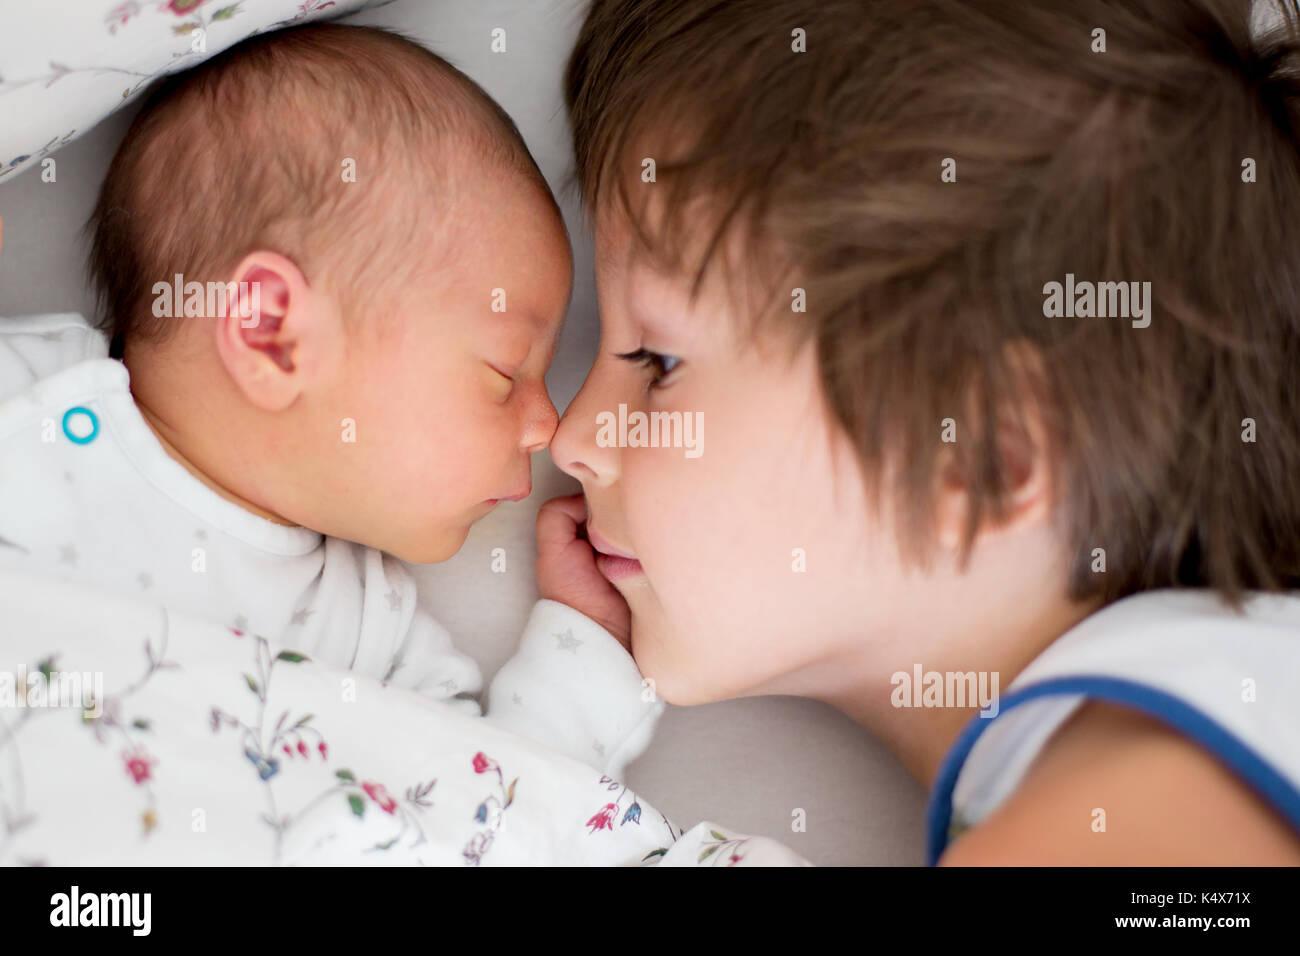 Bel ragazzo, abbracciando con tenerezza e cura il suo neonato fratello a casa. famiglia felicità amore concetto Immagini Stock